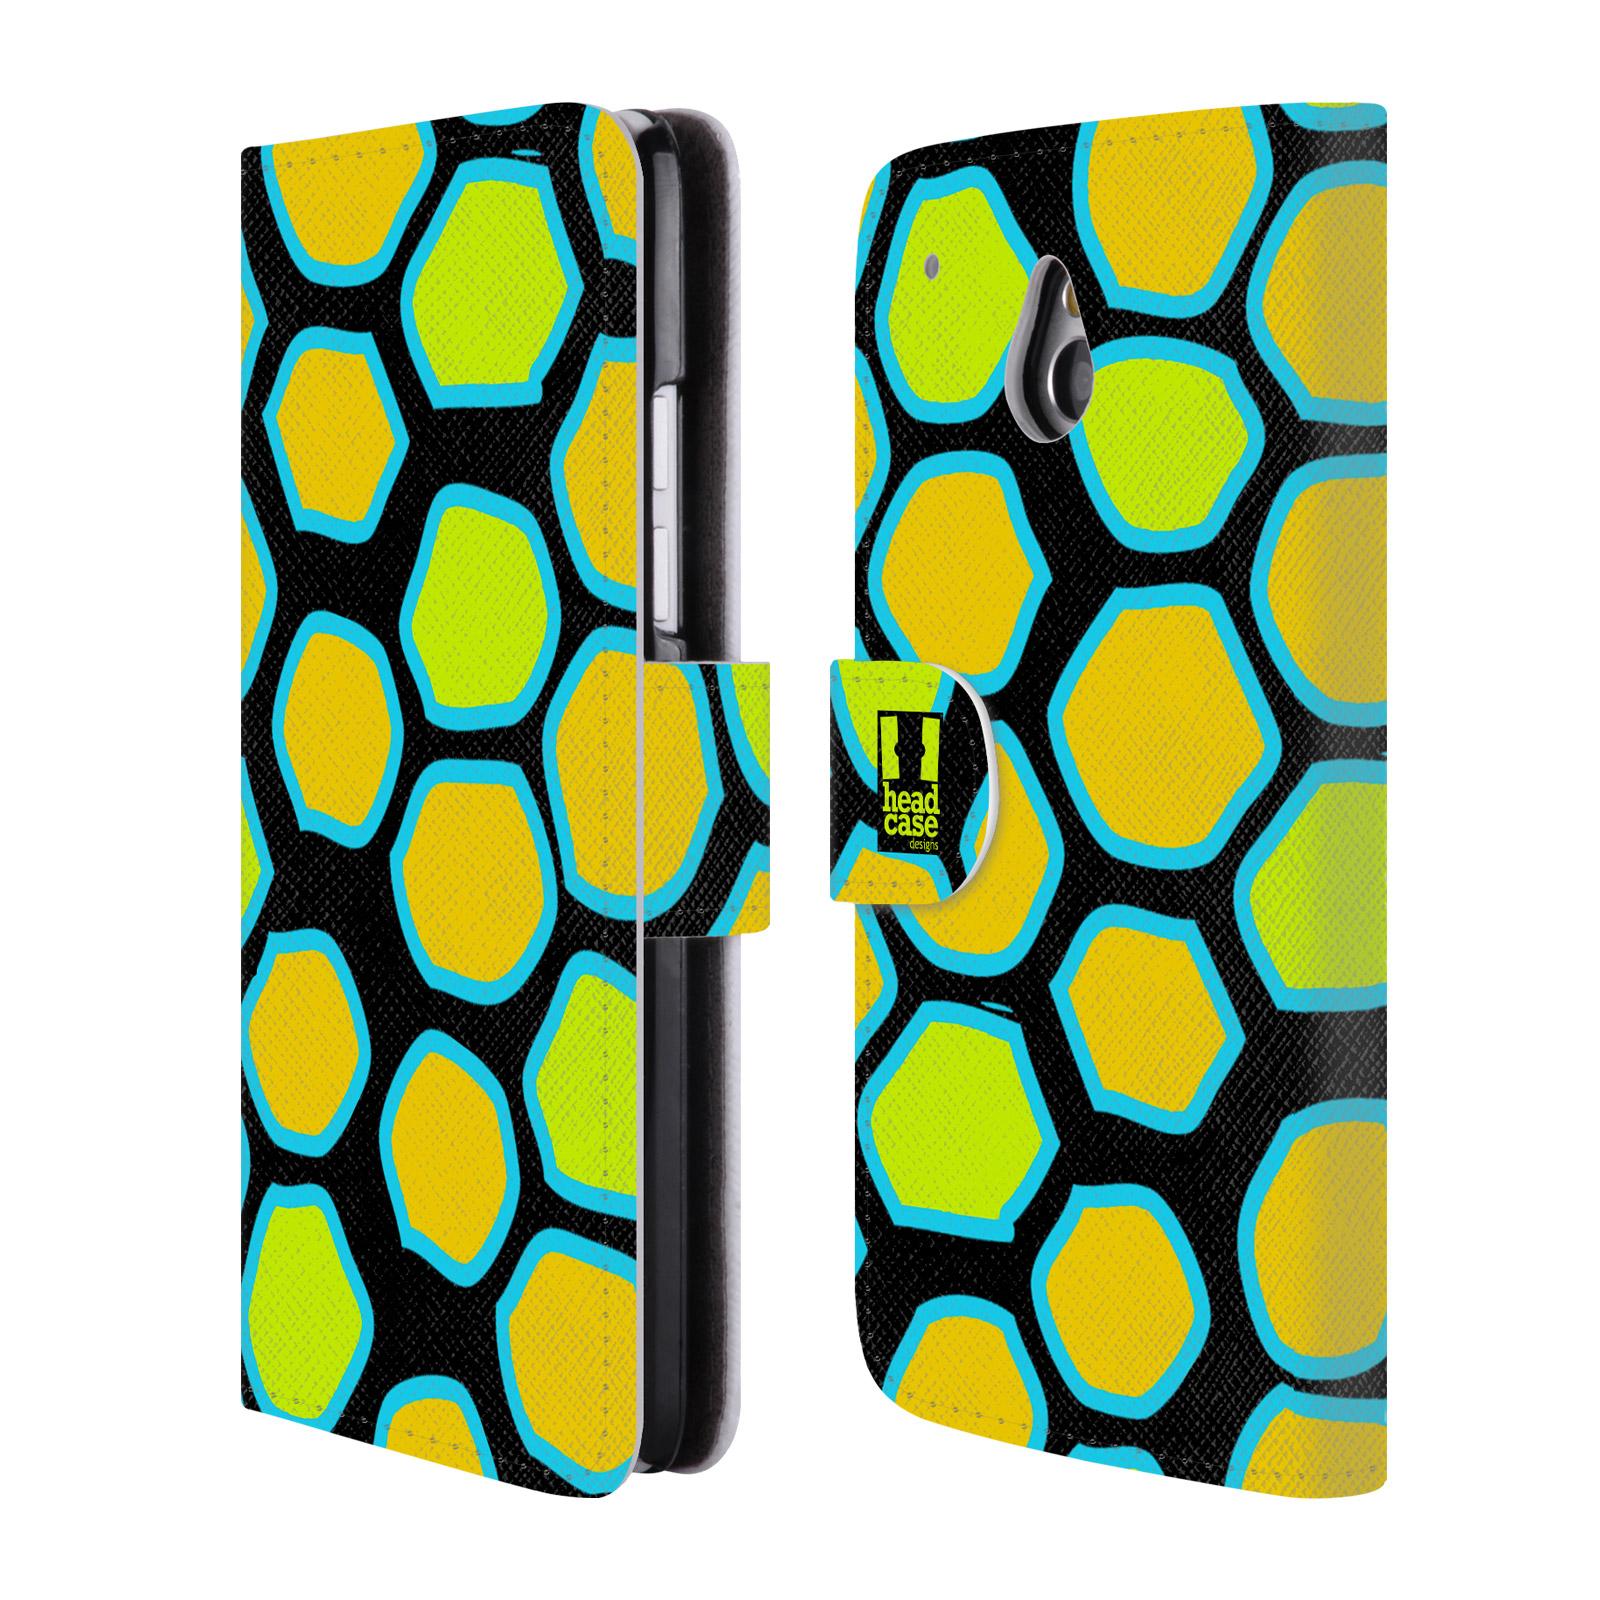 HEAD CASE Flipové pouzdro pro mobil HTC ONE MINI (M4) Zvířecí barevné vzory žlutý had